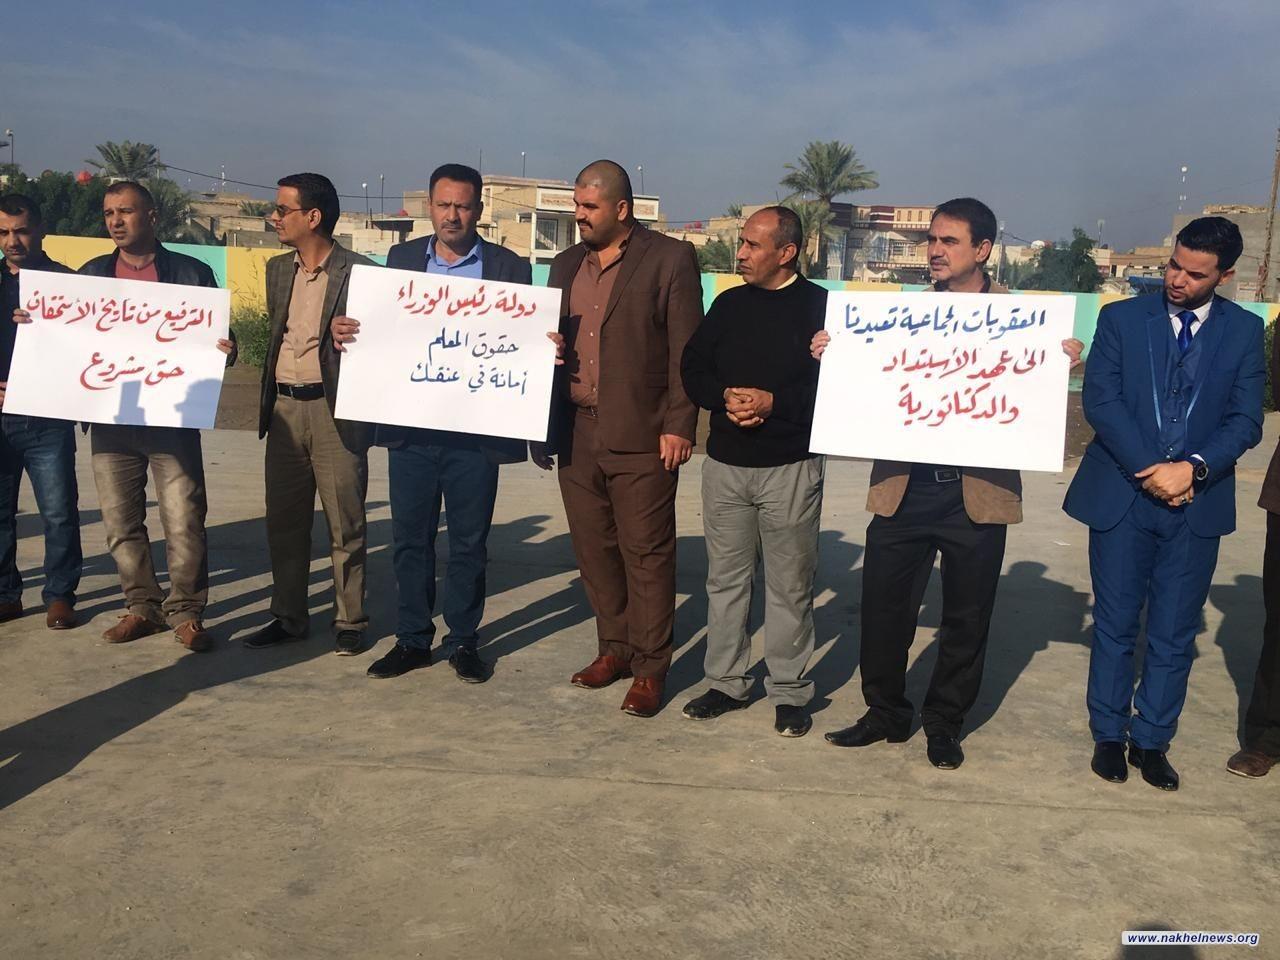 نقابة معلمي الديوانية تنهي إضرابها وتتوعد بالتصعيد